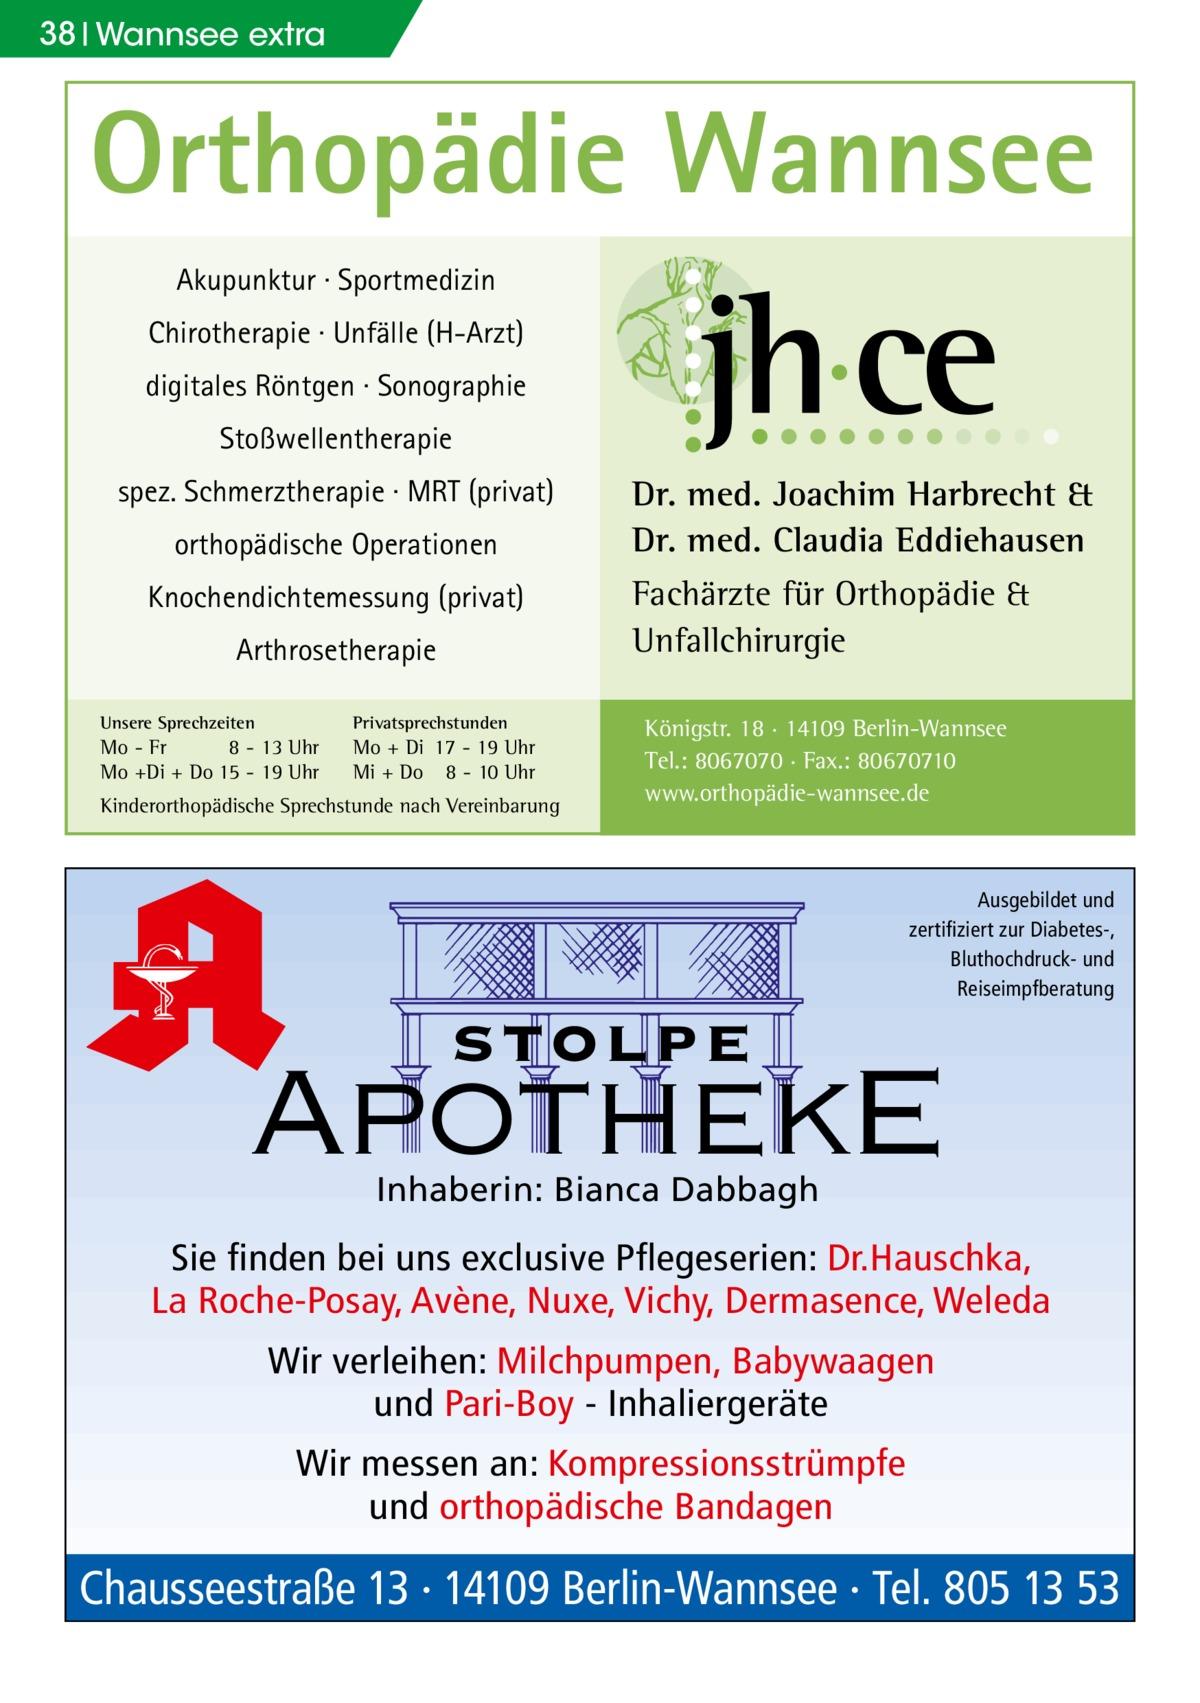 38 Wannsee extra  Orthopädie Wannsee Akupunktur · Sportmedizin Chirotherapie · Unfälle (H-Arzt) digitales Röntgen · Sonographie Stoßwellentherapie spez. Schmerztherapie · MRT (privat) orthopädische Operationen Knochendichtemessung (privat) Arthrosetherapie Unsere Sprechzeiten  Privatsprechstunden  Mo - Fr 8 - 13 Uhr Mo +Di + Do 15 - 19 Uhr  Mo + Di 17 - 19 Uhr Mi + Do 8 - 10 Uhr  Kinderorthopädische Sprechstunde nach Vereinbarung  Dr. med. Joachim Harbrecht & Dr. med. Claudia Eddiehausen Fachärzte für Orthopädie & Unfallchirurgie Königstr. 18 · 14109 Berlin-Wannsee Tel.: 8067070 · Fax.: 80670710 www.orthopädie-wannsee.de  Ausgebildet und zertifiziert zur Diabetes-, Bluthochdruck- und Reiseimpfberatung  stolpe  ApothekE Inhaberin: Bianca Dabbagh  Sie finden bei uns exclusive Pflegeserien: Dr.Hauschka, La Roche-Posay, Avène, Nuxe, Vichy, Dermasence, Weleda Wir verleihen: Milchpumpen, Babywaagen und Pari-Boy - Inhaliergeräte Wir messen an: Kompressionsstrümpfe und orthopädische Bandagen  Chausseestraße 13 · 14109 Berlin-Wannsee · Tel. 805 13 53